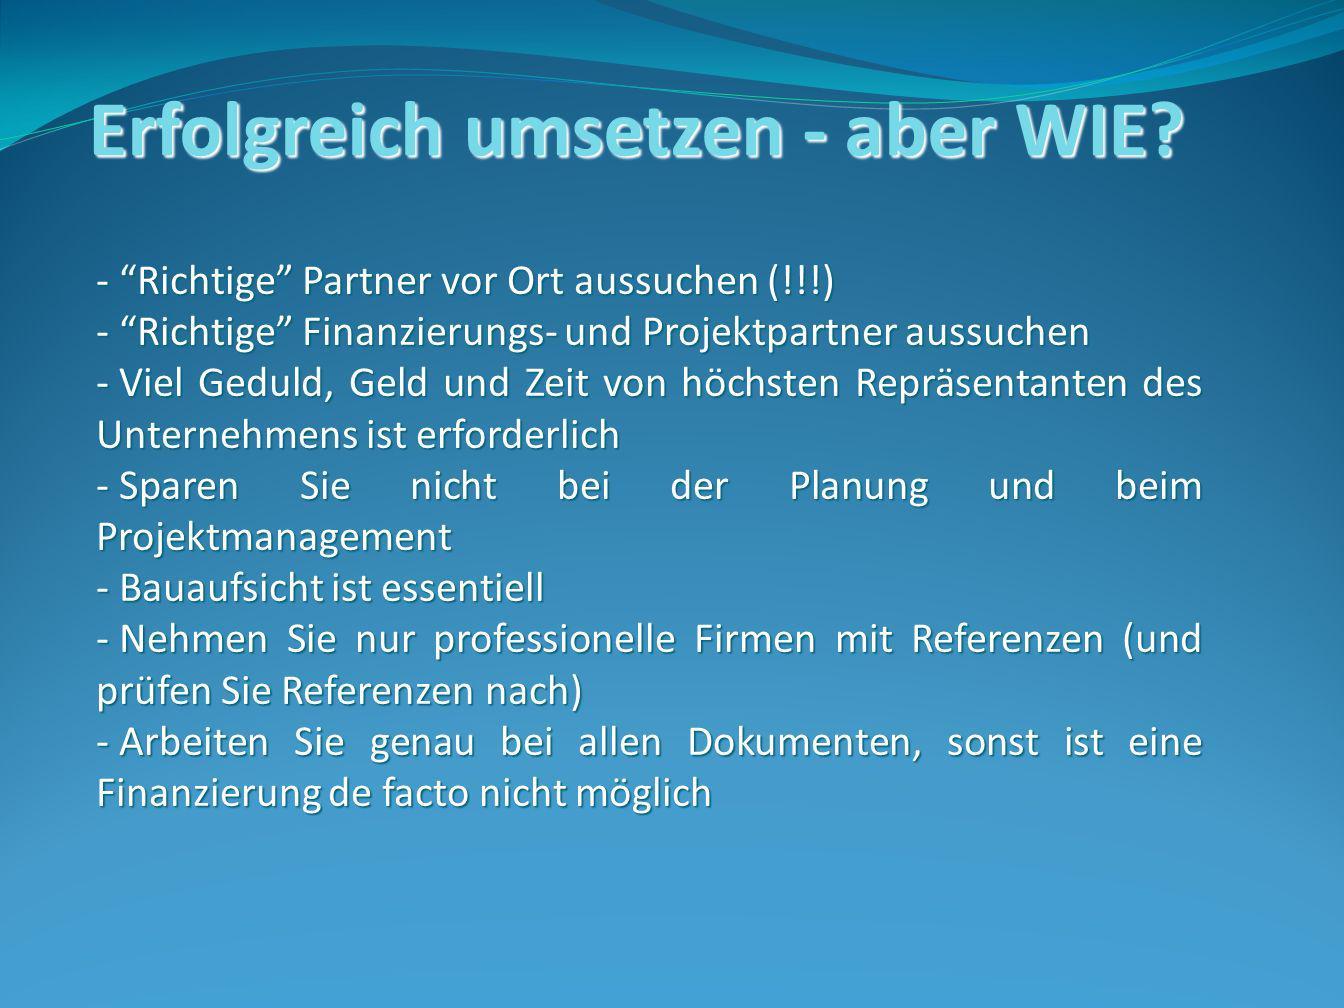 Erfolgreich umsetzen - aber WIE? - Richtige Partner vor Ort aussuchen (!!!) - Richtige Finanzierungs- und Projektpartner aussuchen - Viel Geduld, Geld